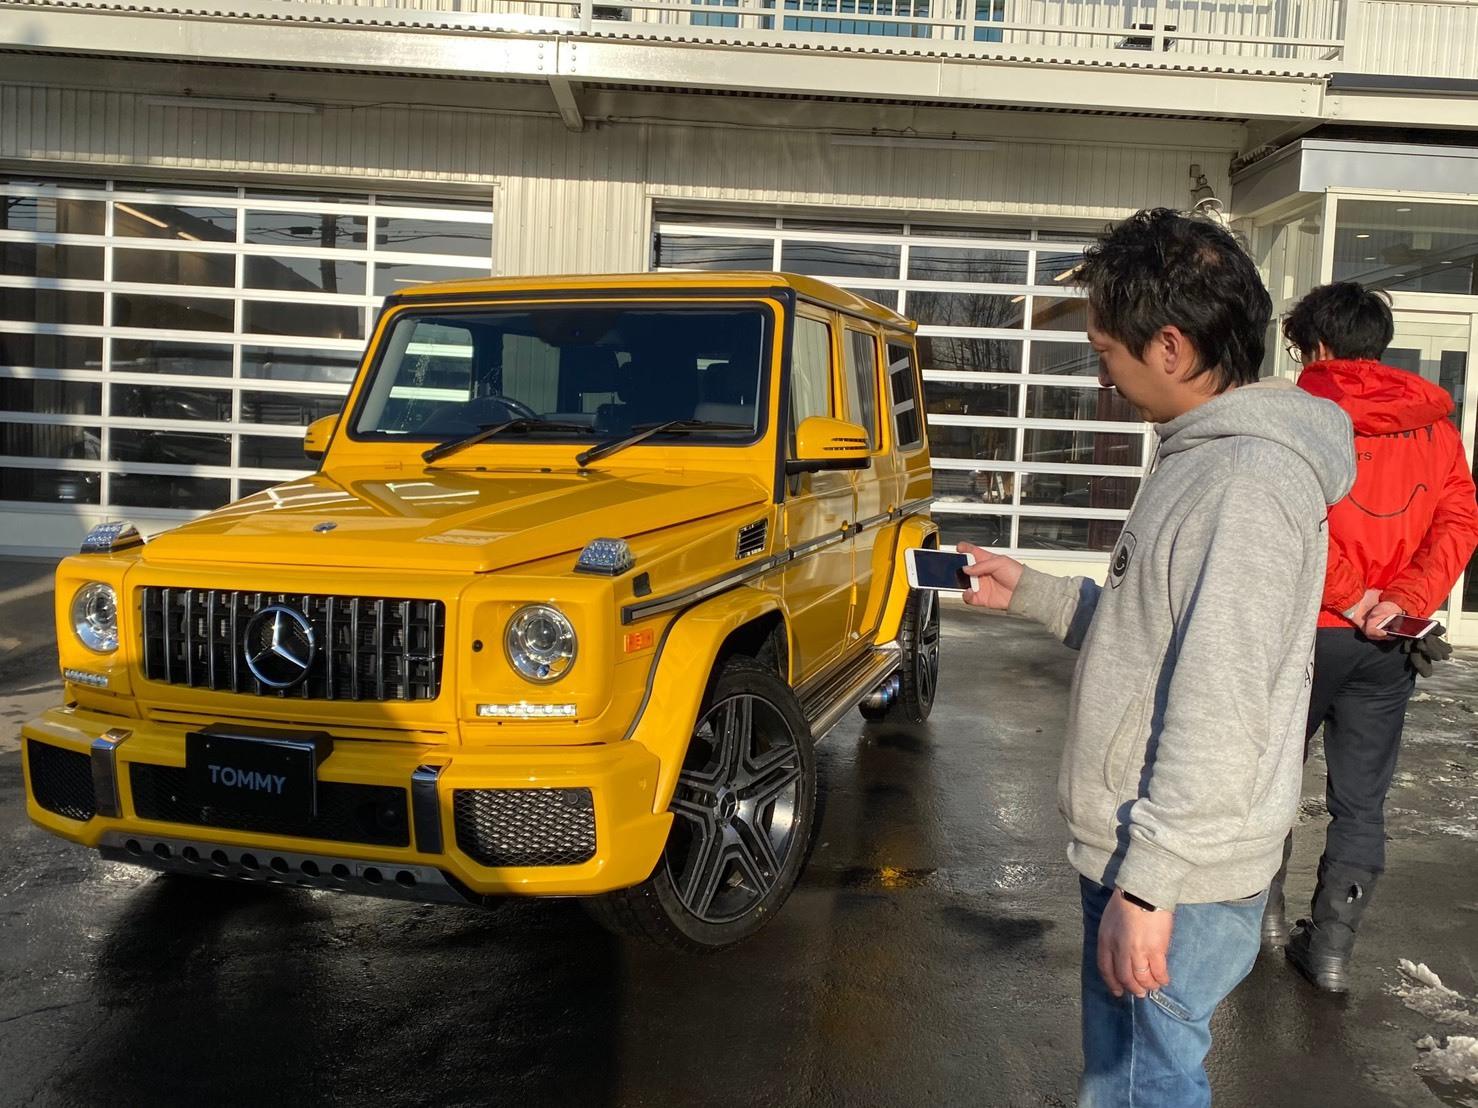 1月23日(木)ランドクルーザー100 VXリミテッド 4.7VXリミテッド 4WD あります♬  ランクル ハマー エスカレードならTOMMY☆彡_b0127002_18440769.jpg